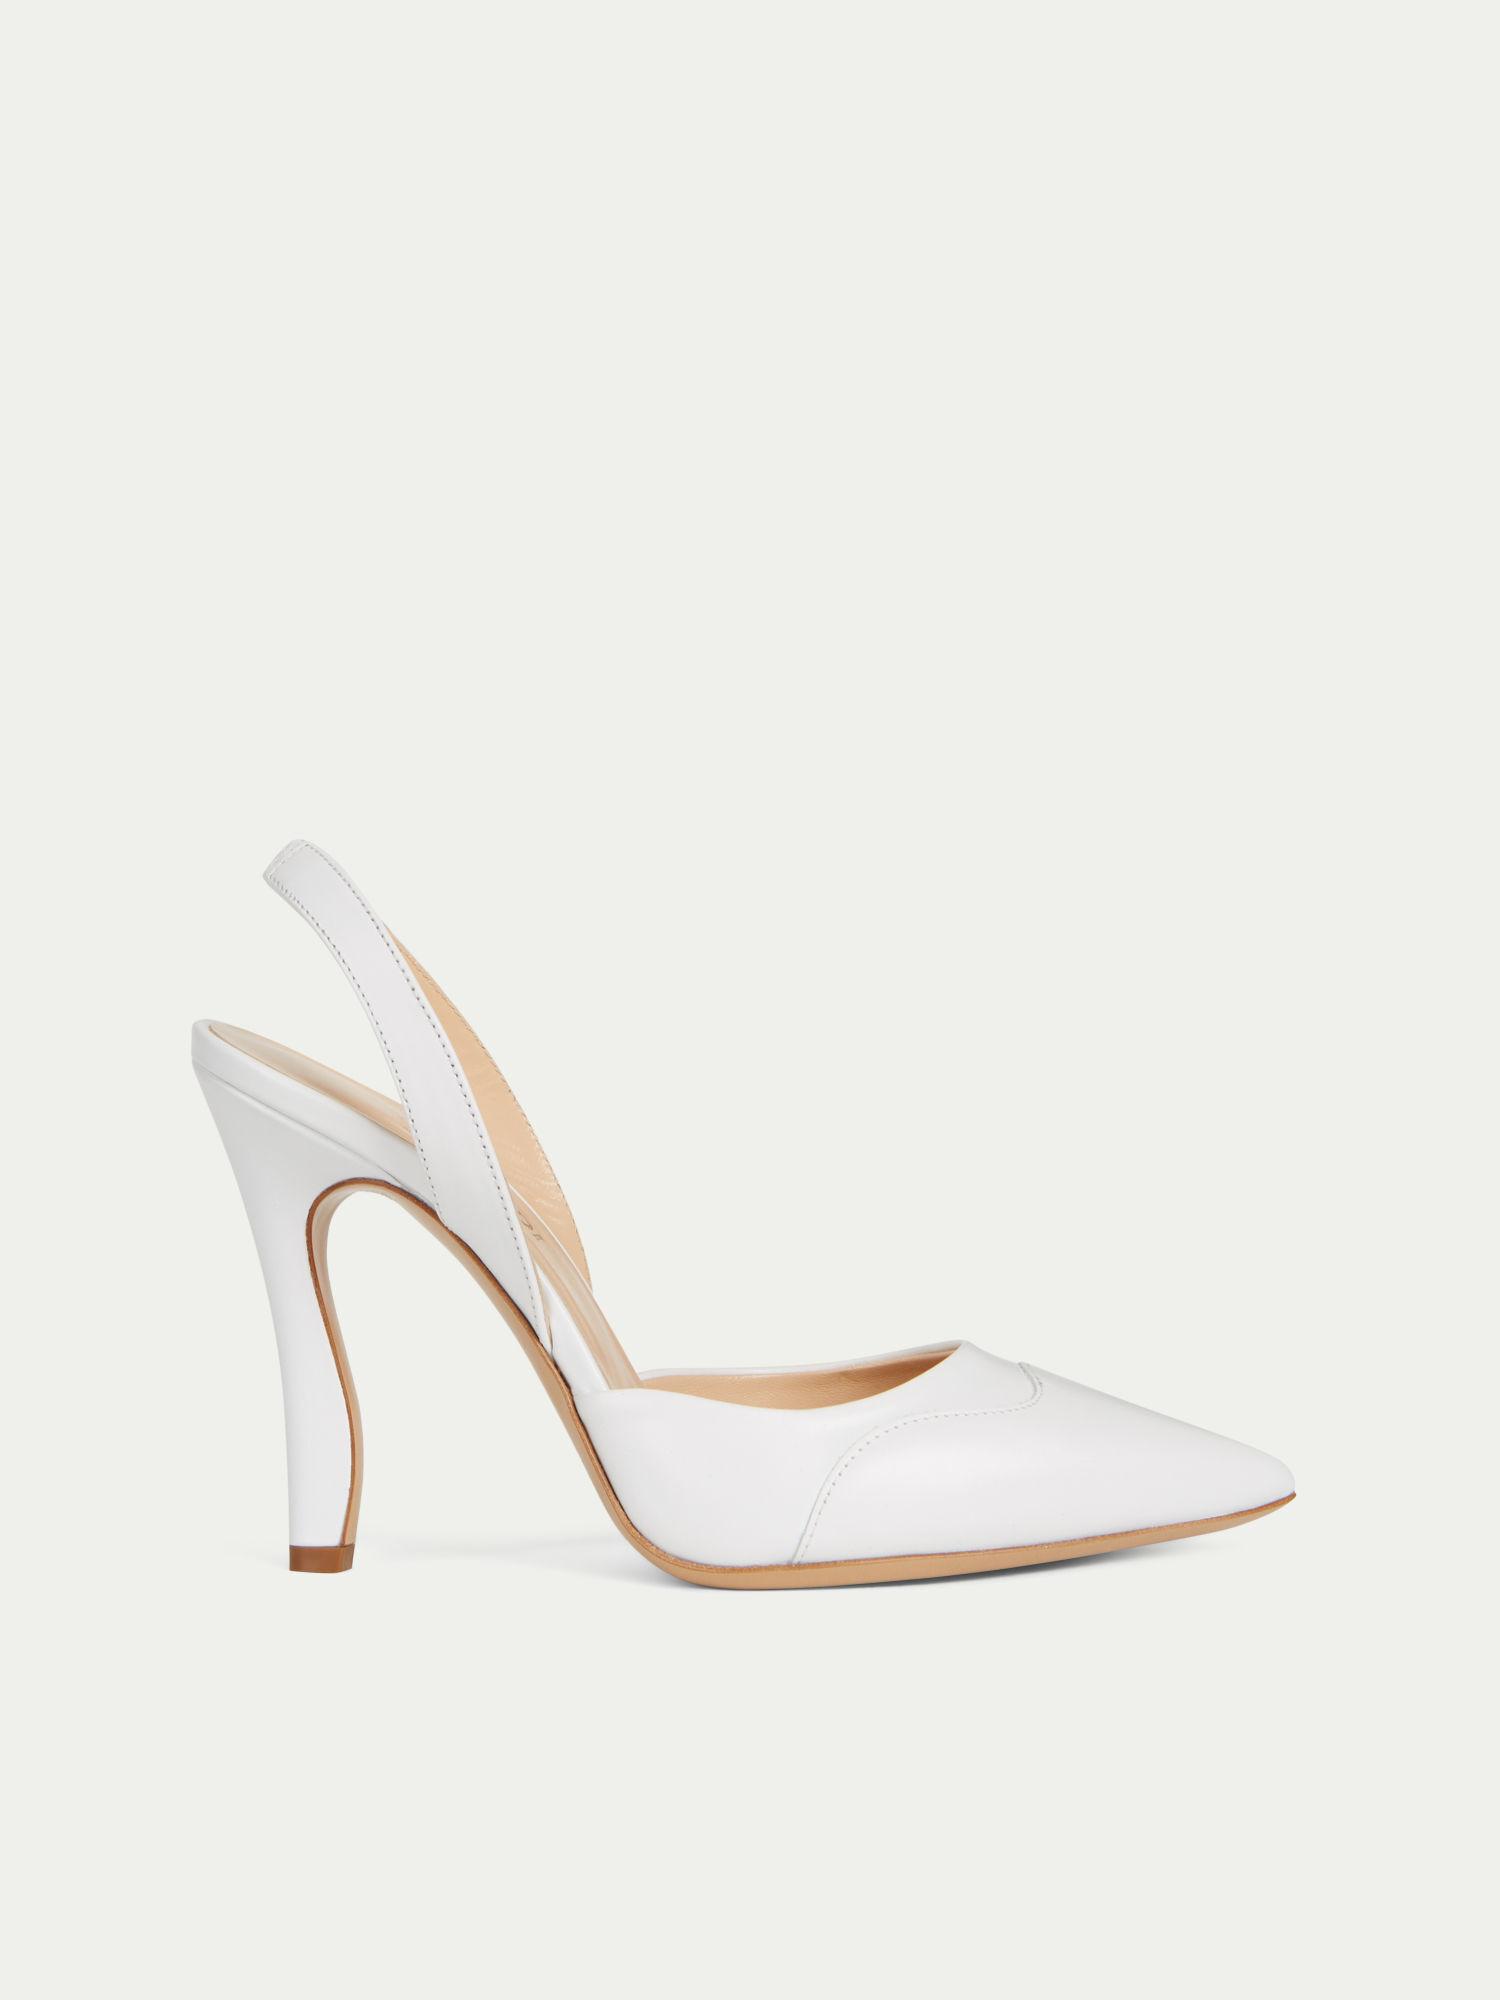 De Alto Zapatos Salon Destalonados Piel Y Tacon DWH29IE